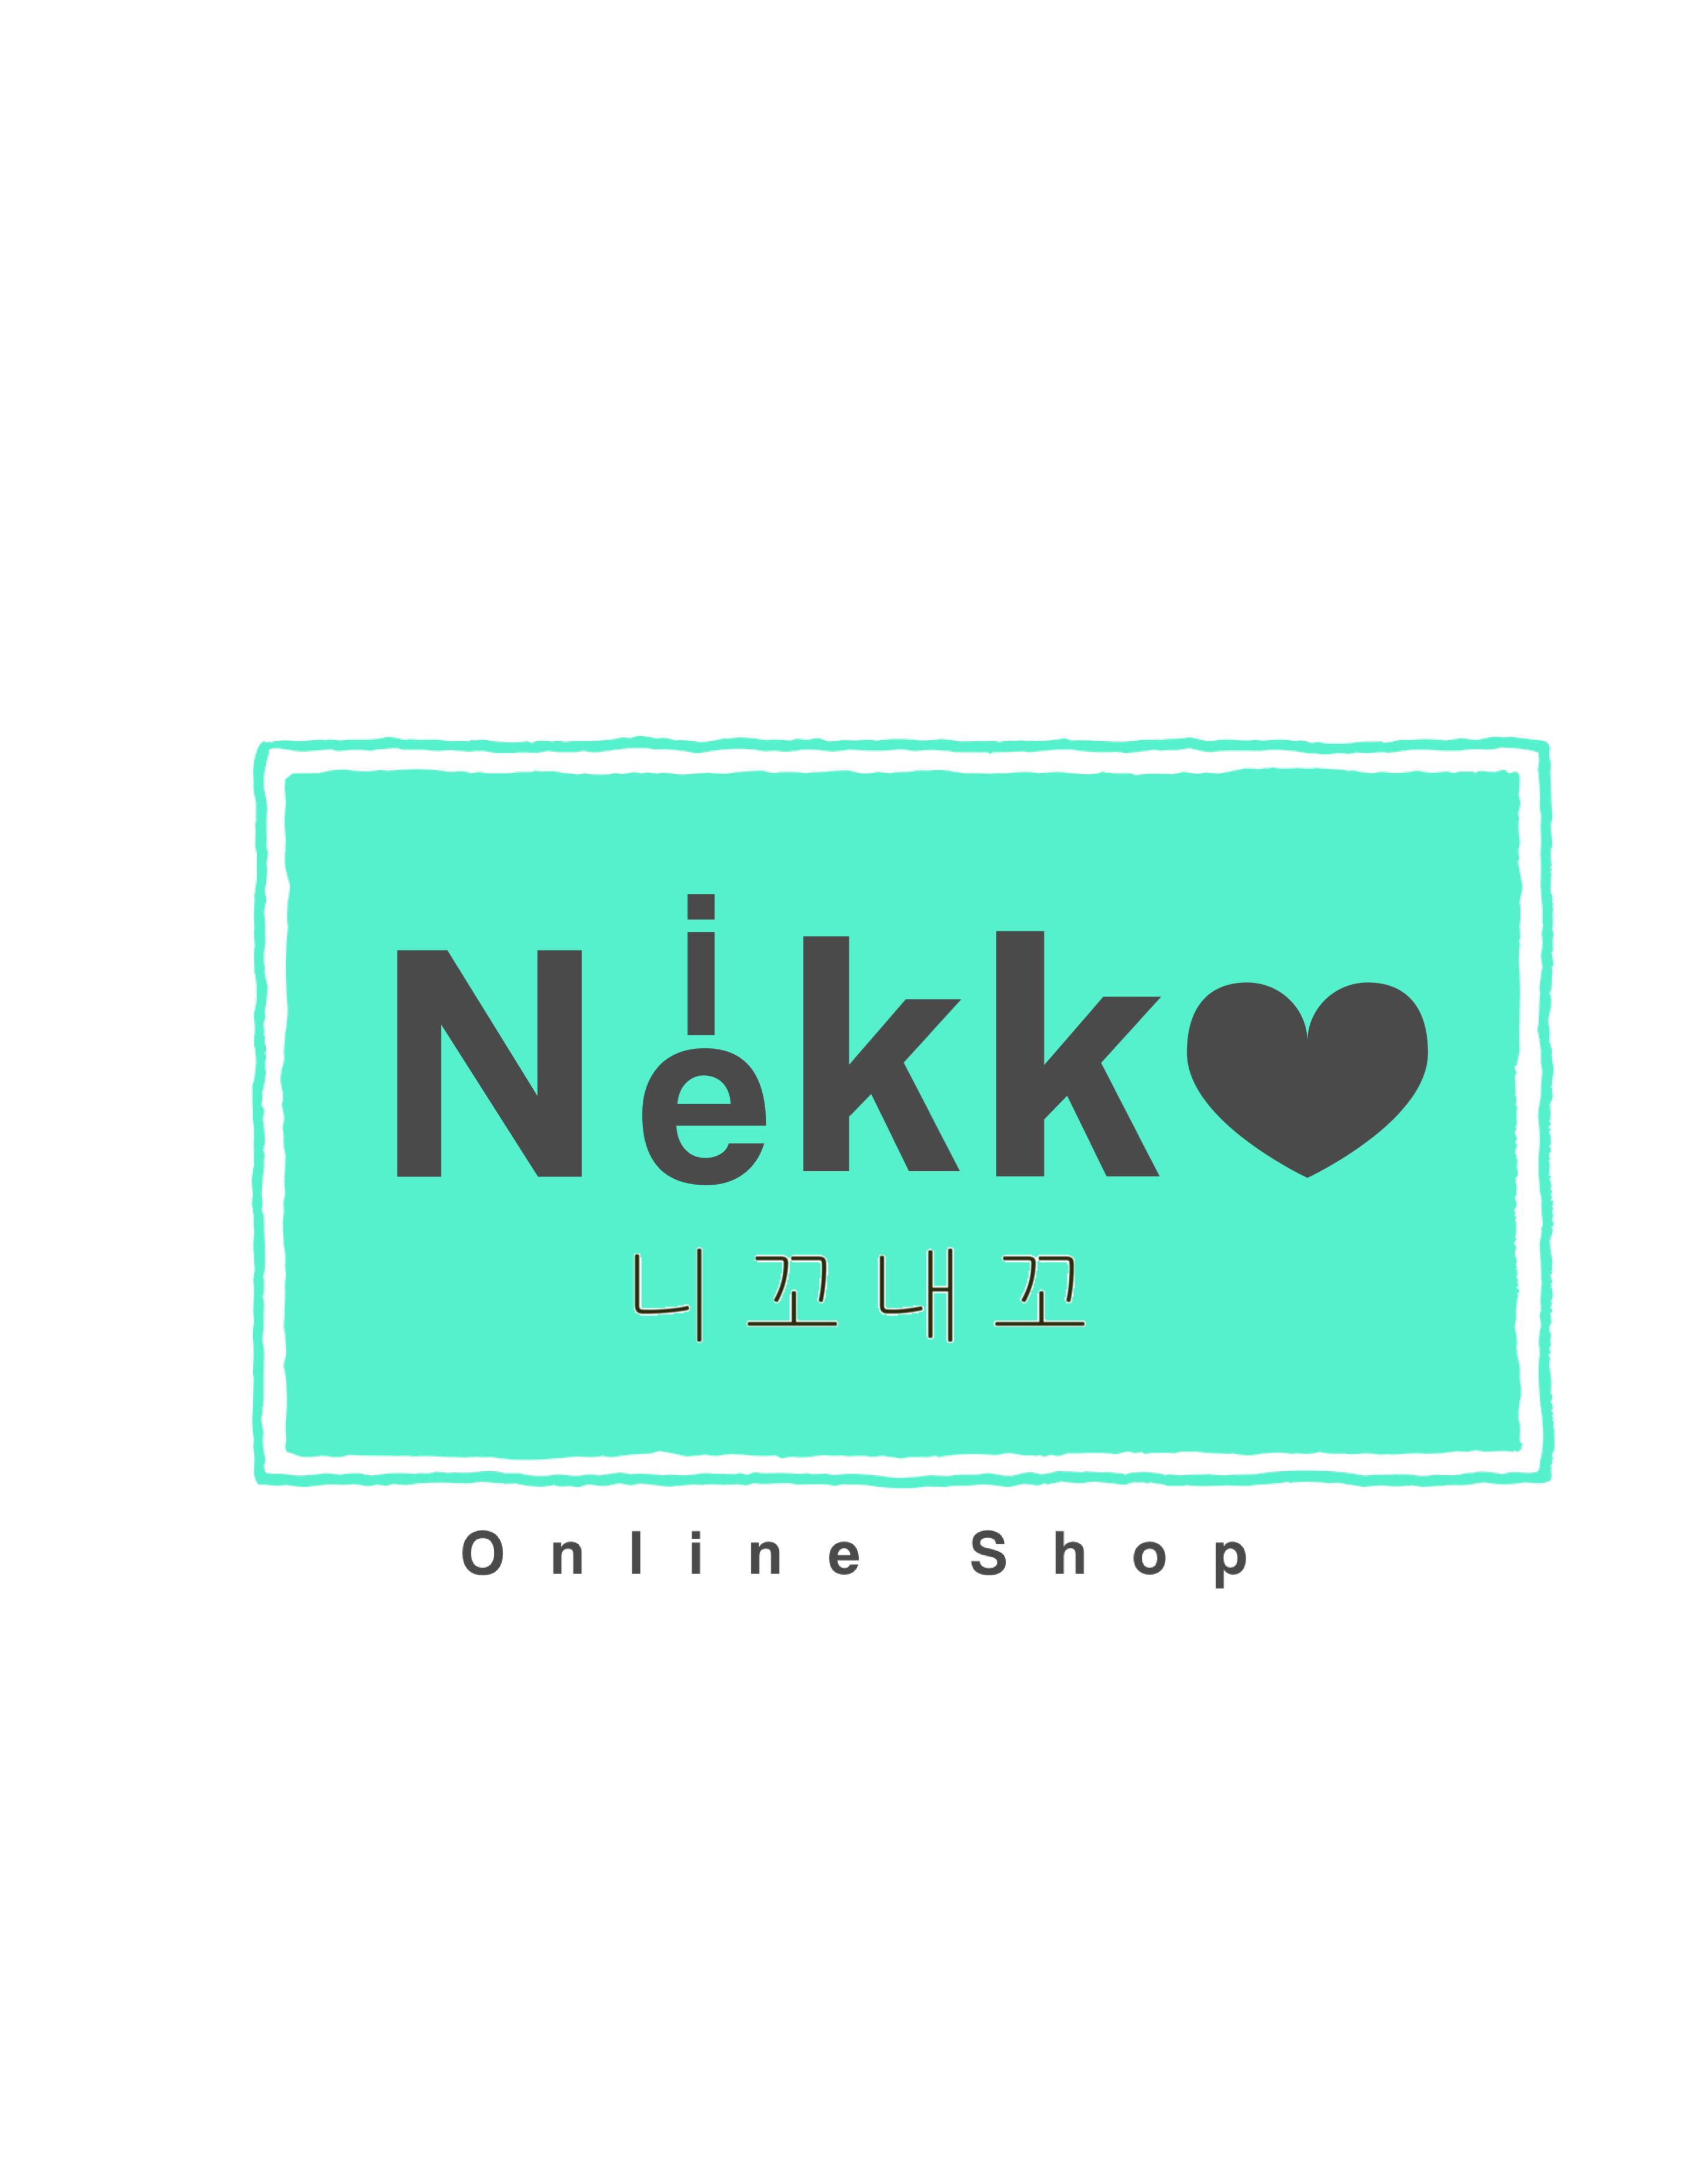 NikkoNekko